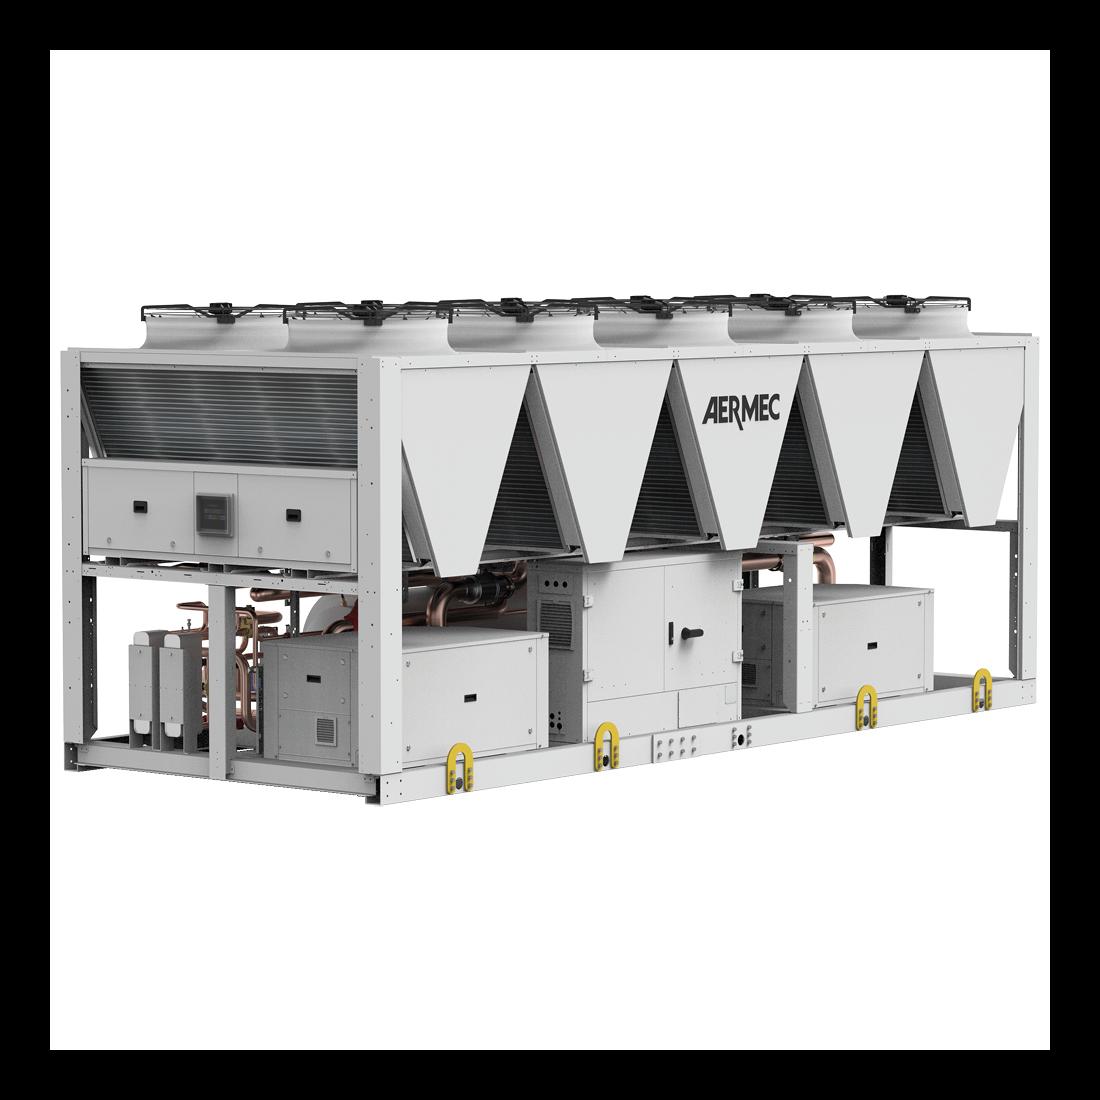 TBG. I refrigeratori con compressori Turbocor a levitazione magnetica e refrigerante R1234ze.